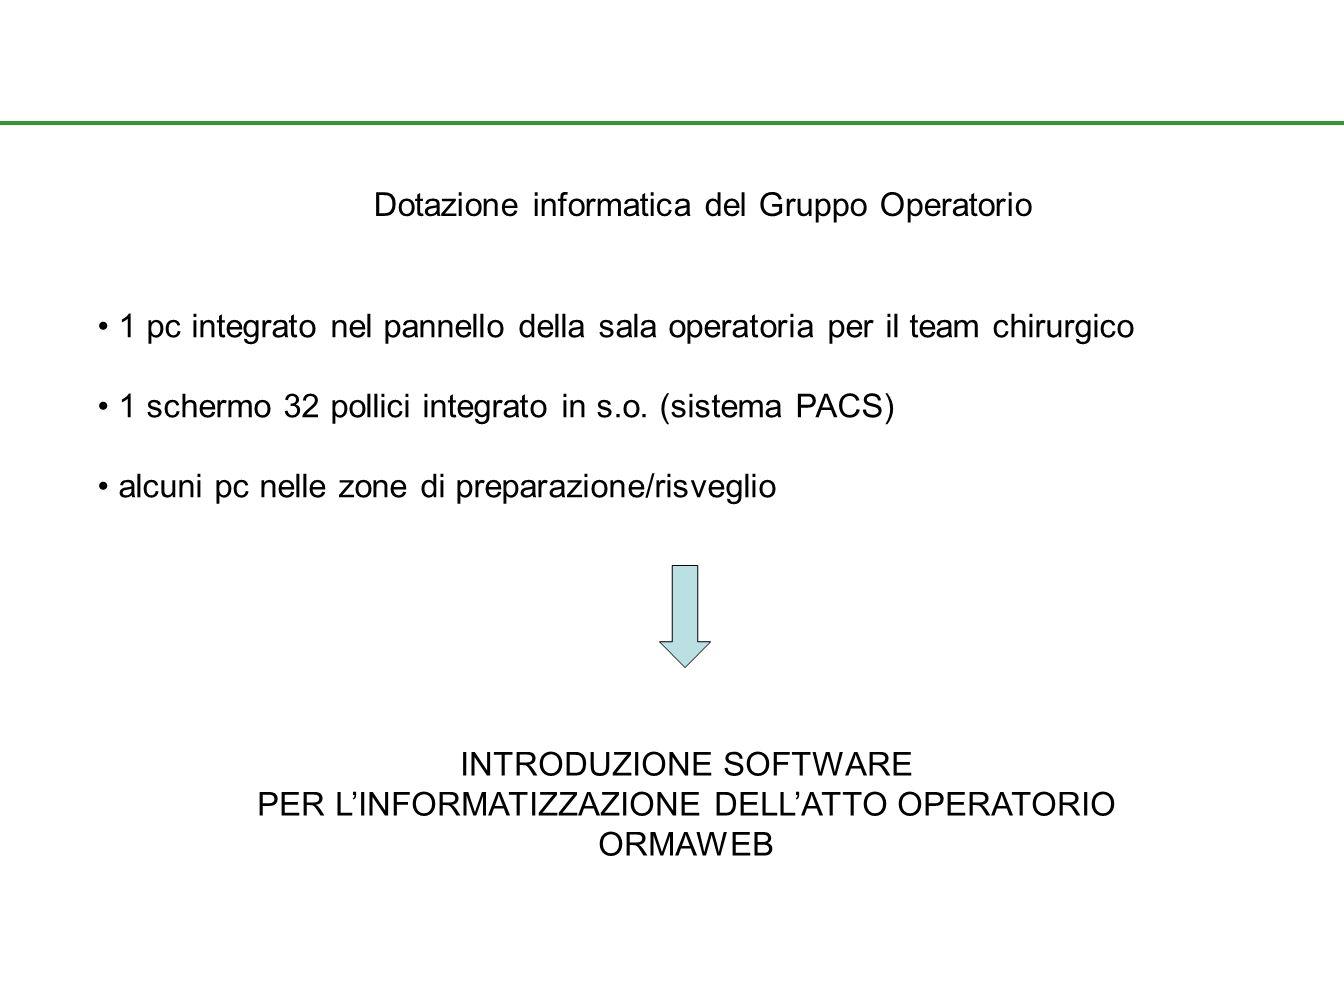 Dotazione informatica del Gruppo Operatorio 1 pc integrato nel pannello della sala operatoria per il team chirurgico 1 schermo 32 pollici integrato in